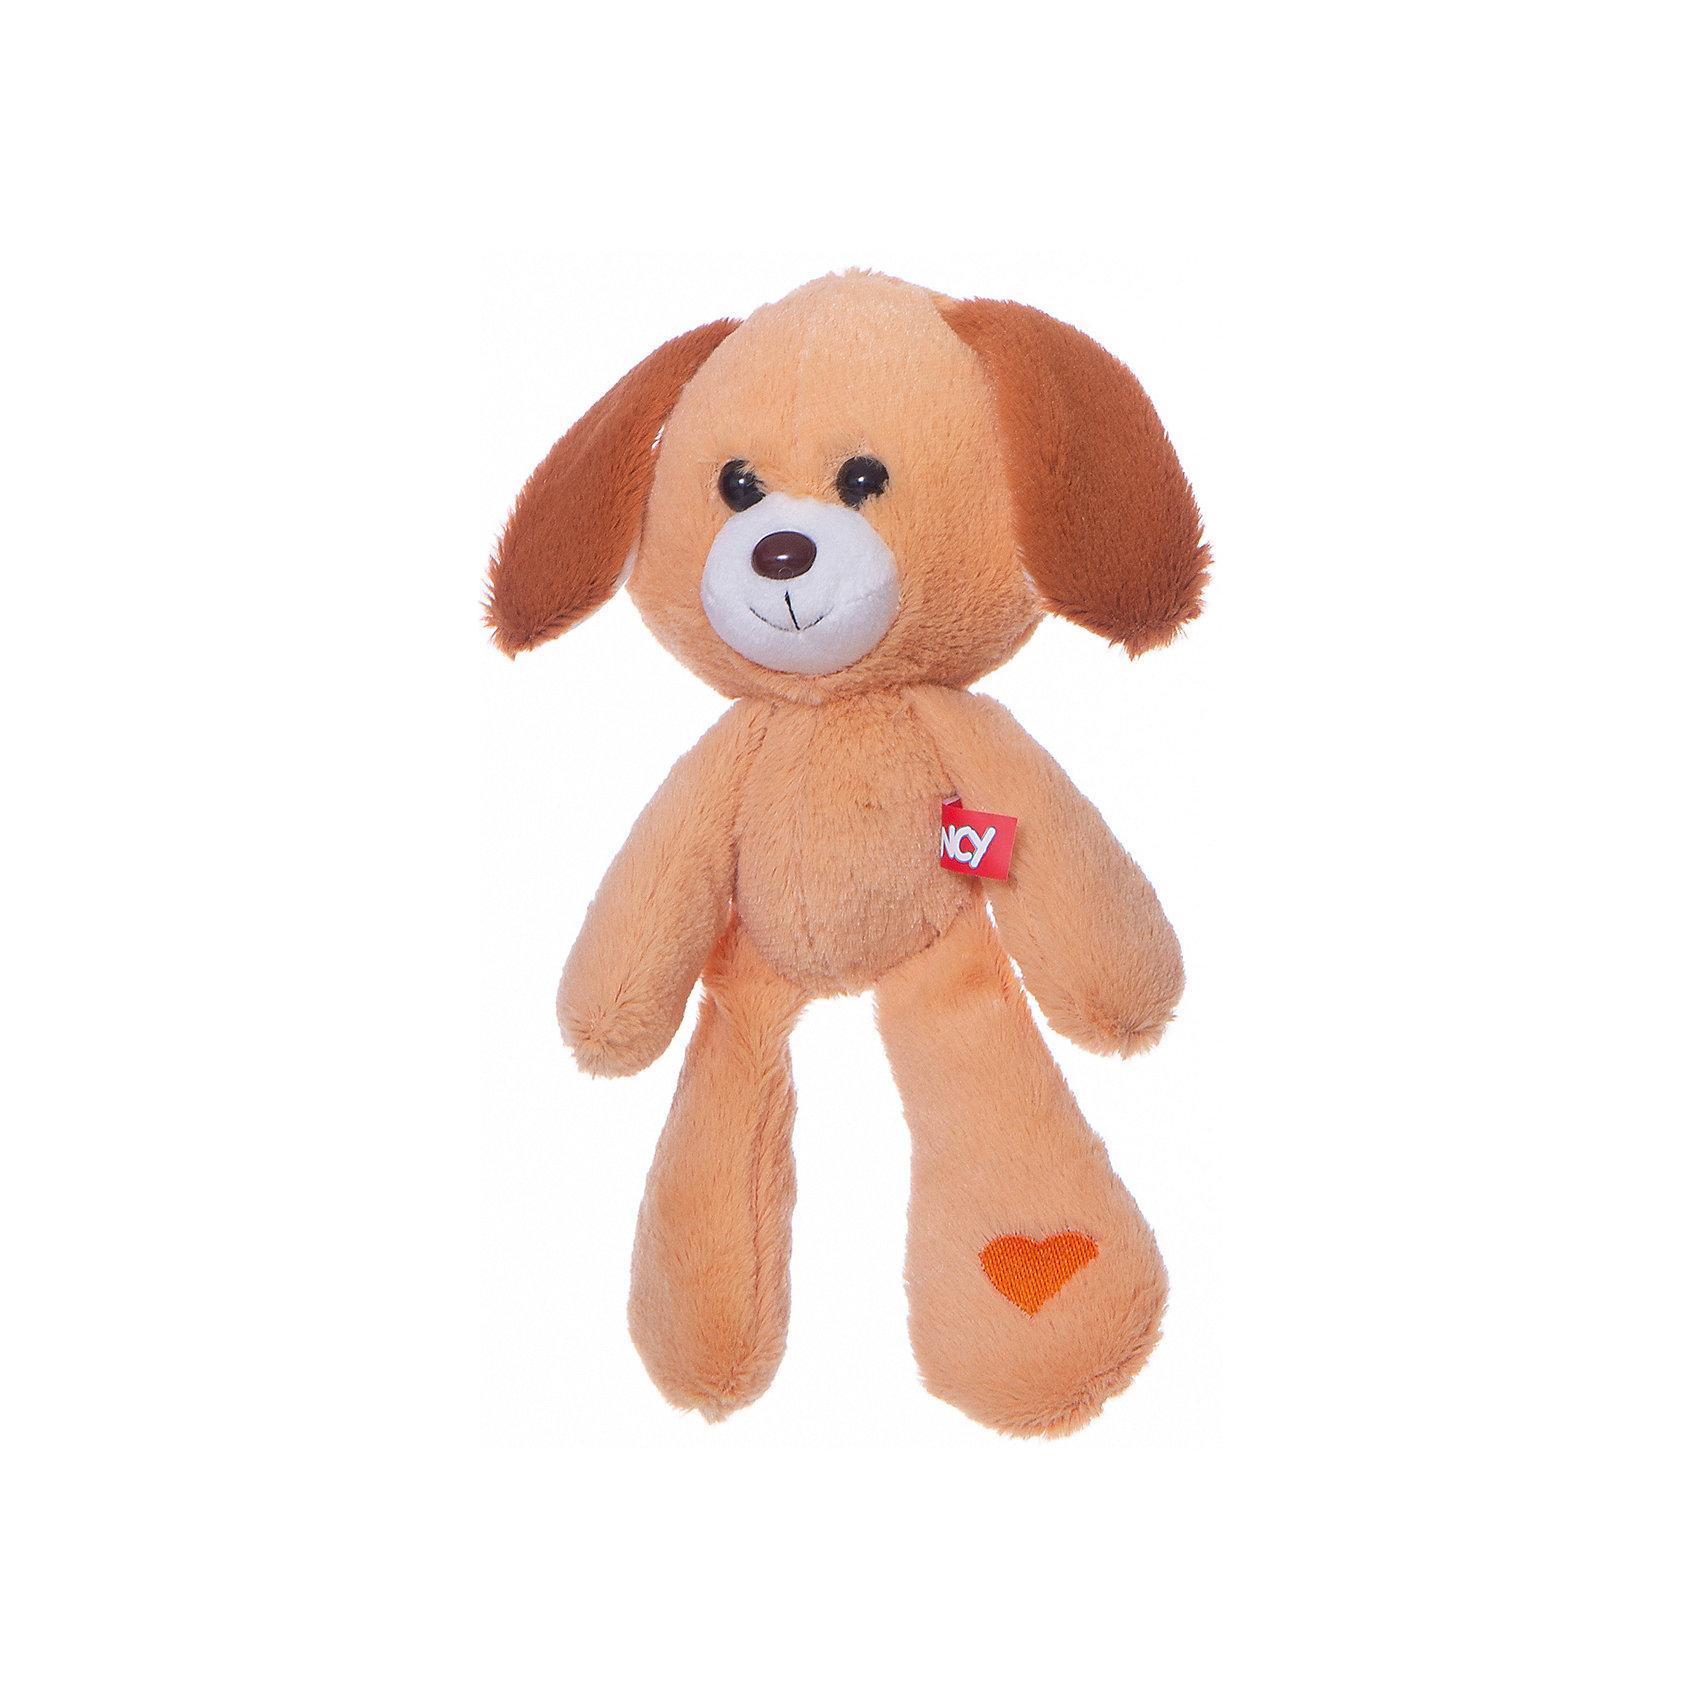 Собачка Банди, FancyКошки и собаки<br>Милая игрушка собачка Банди всегда будет с Вашим ребенком! С ним можно играть, спать или брать с собой на прогулку.<br>Порадуйте ребенка таким милым подарком!<br><br>Дополнительная информация: <br><br>- Возраст: от 3 лет.<br>- Материал: искусственный мех, наполнитель, текстиль, пластик. пластмассы.<br>- Размер упаковки: 30.5х12х10 см.<br>- Вес в упаковке: 85 г.<br><br>Купить собачку Банди от Fancy, можно в нашем магазине.<br><br>Ширина мм: 305<br>Глубина мм: 120<br>Высота мм: 100<br>Вес г: 85<br>Возраст от месяцев: 36<br>Возраст до месяцев: 2147483647<br>Пол: Унисекс<br>Возраст: Детский<br>SKU: 5025380